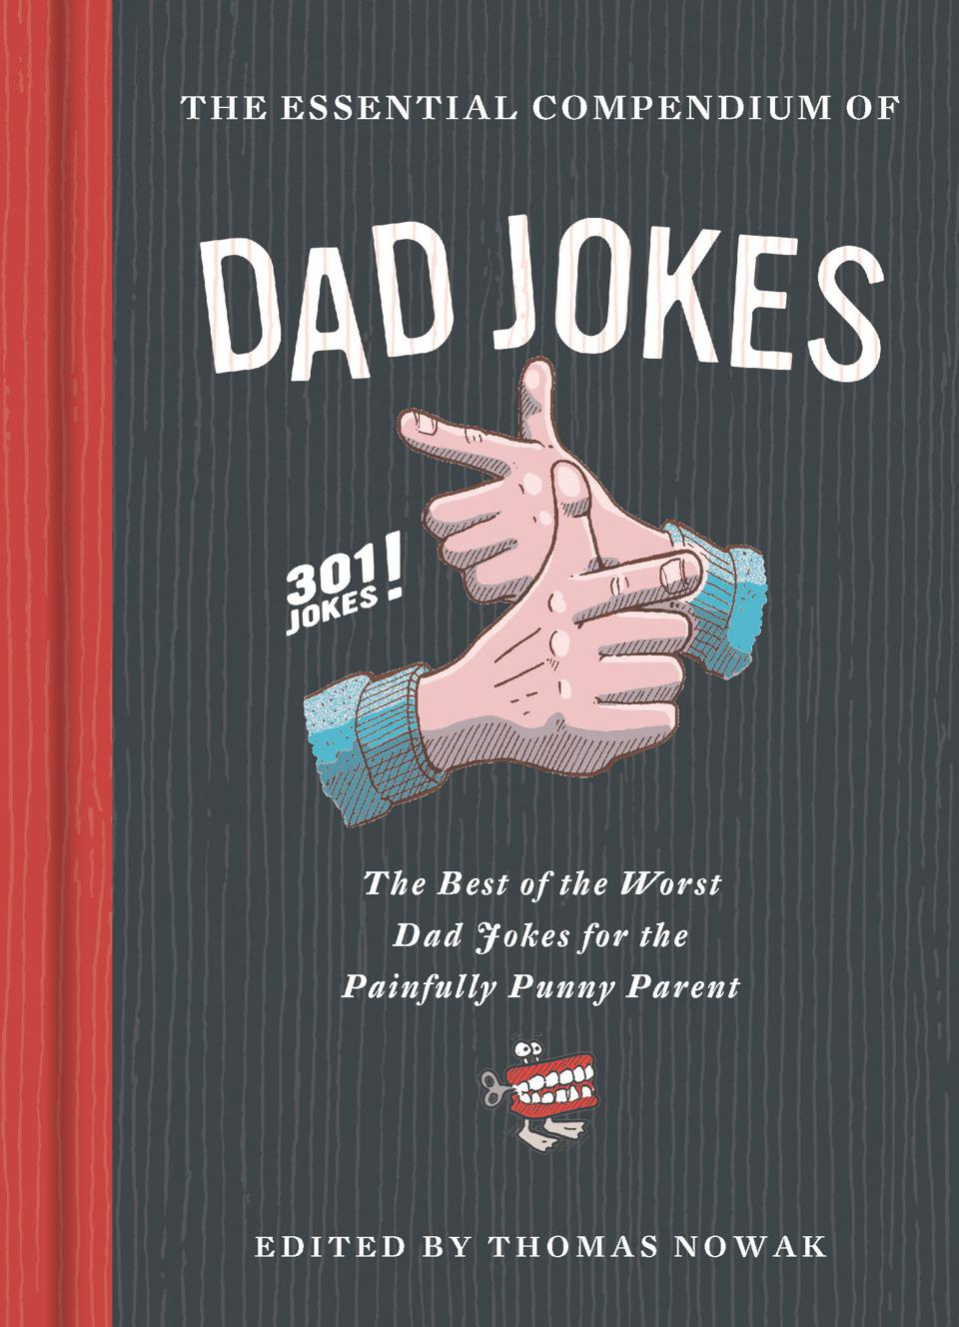 ″The Essential Compendium of Dad Jokes″ book